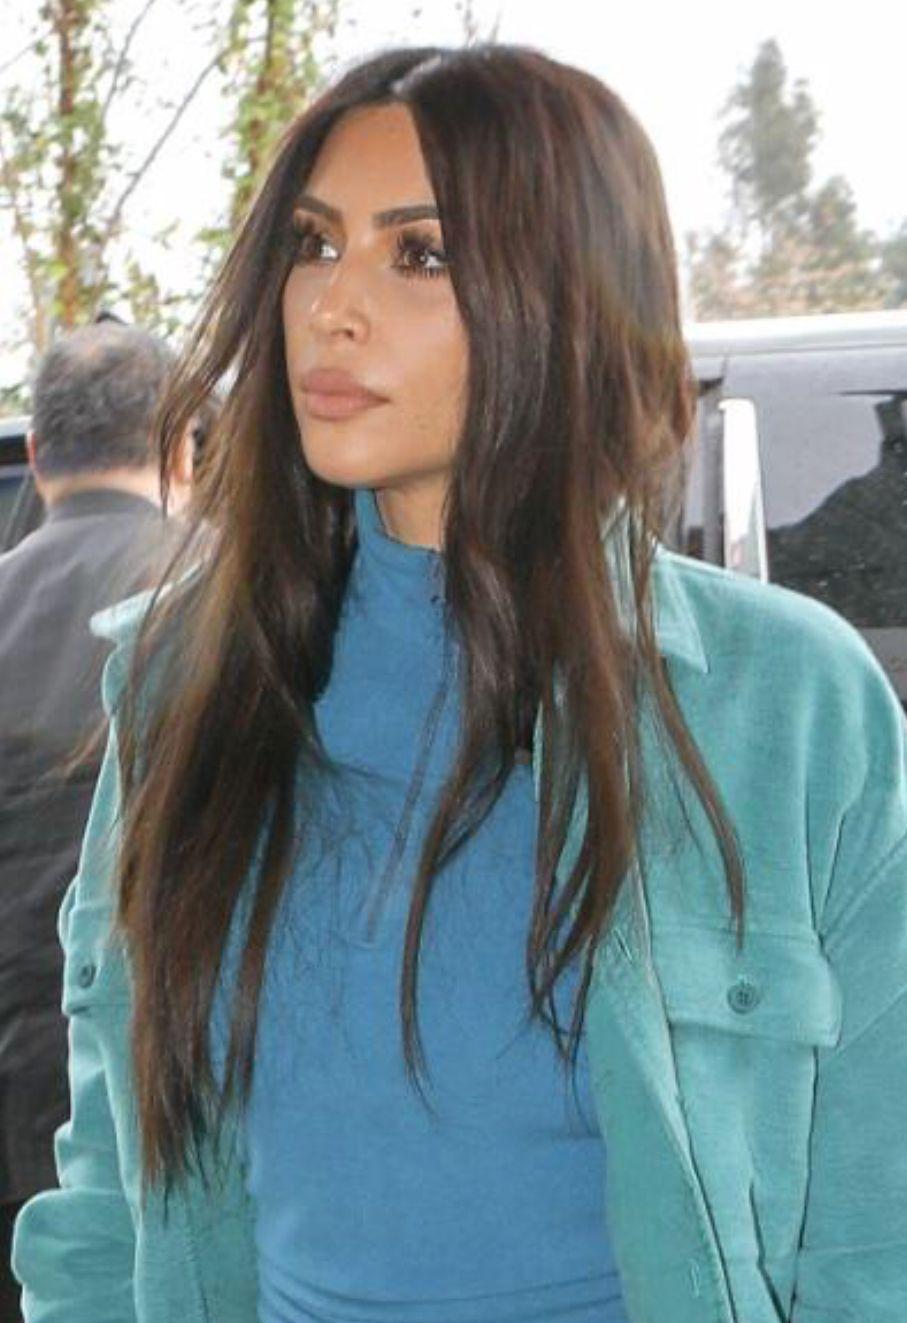 Kim Kardashian hair 2018 | Hair in 2018 | Pinterest | Hair ...